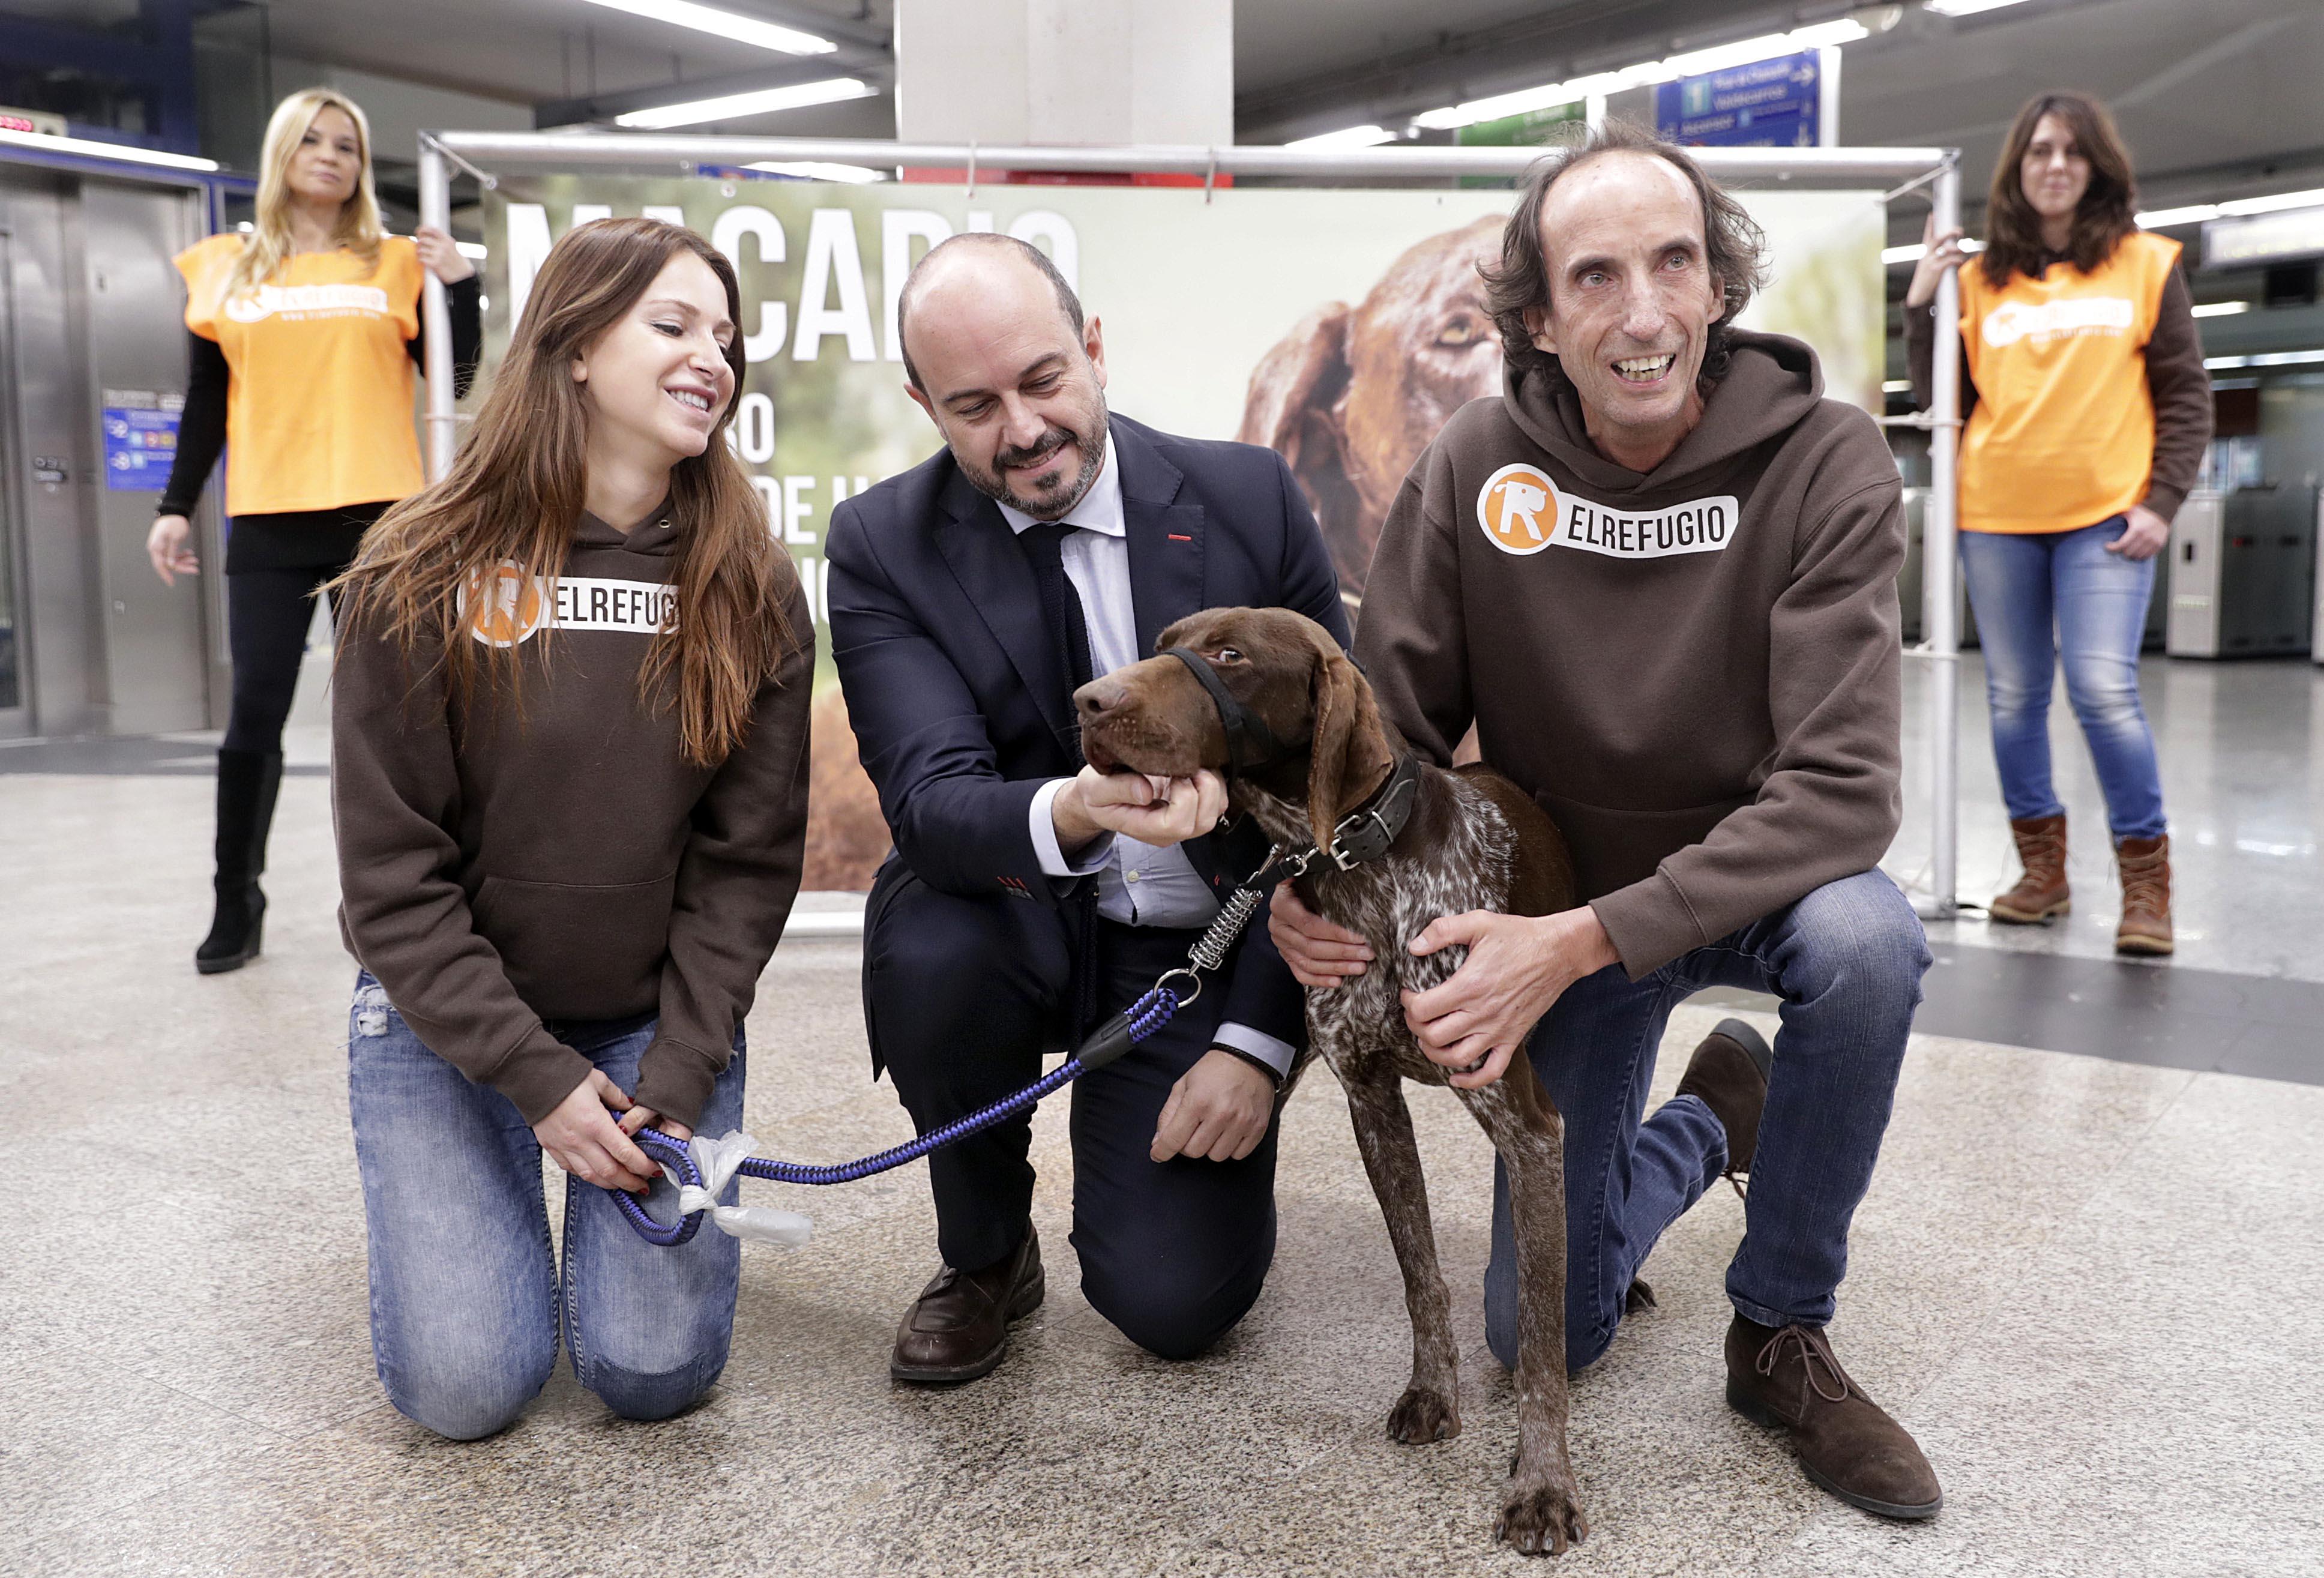 """ROLLÁN PRESENTA EL CALENDARIO DE ACTIVIDADES DE METRO Y LA ASOCIACIÓN PARA LA PROTECCIÓN DE ANIMALES, EL REFUGIO El consejero de transportes, Vivienda e Infraestructuras de la Comunidad de Madrid, Pedro Rollán, presenta el calendario de actividades programado entre Metro de Madrid y la Asociación para la protección de animales """"El Refugio"""" para concienciar sobre el abandono y el maltrato animal.   Foto: D.Sinova / Comunidad de Madrid"""